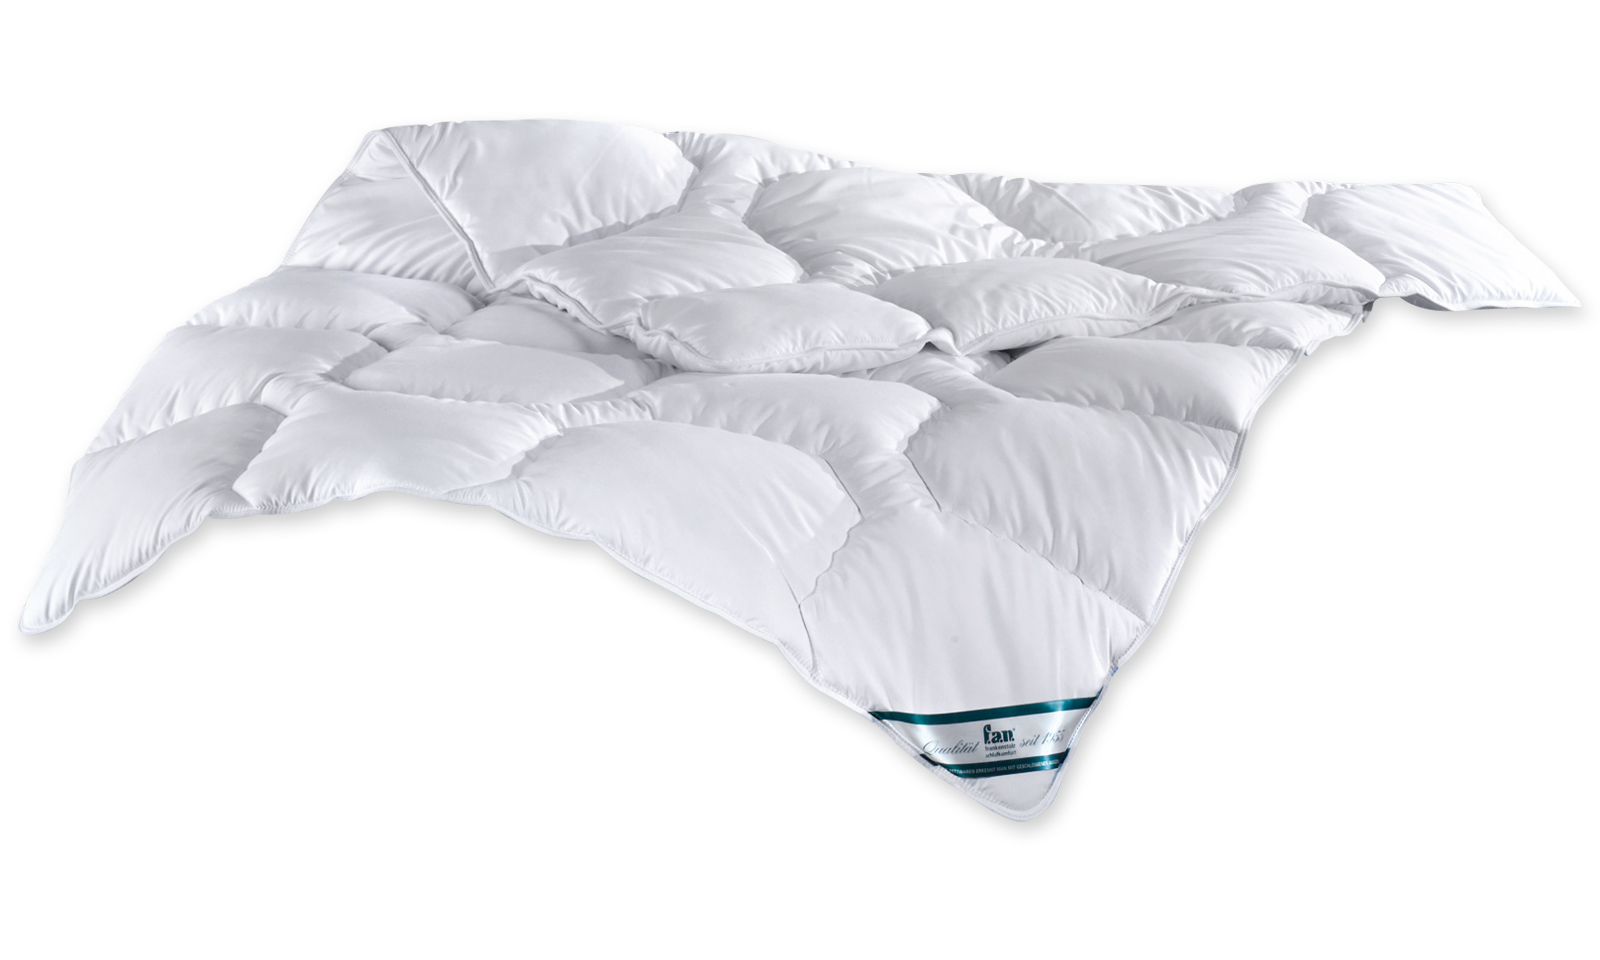 f a n frankenstolz kansas vierjahreszeiten steppbett synthetik decken decken matratzen. Black Bedroom Furniture Sets. Home Design Ideas